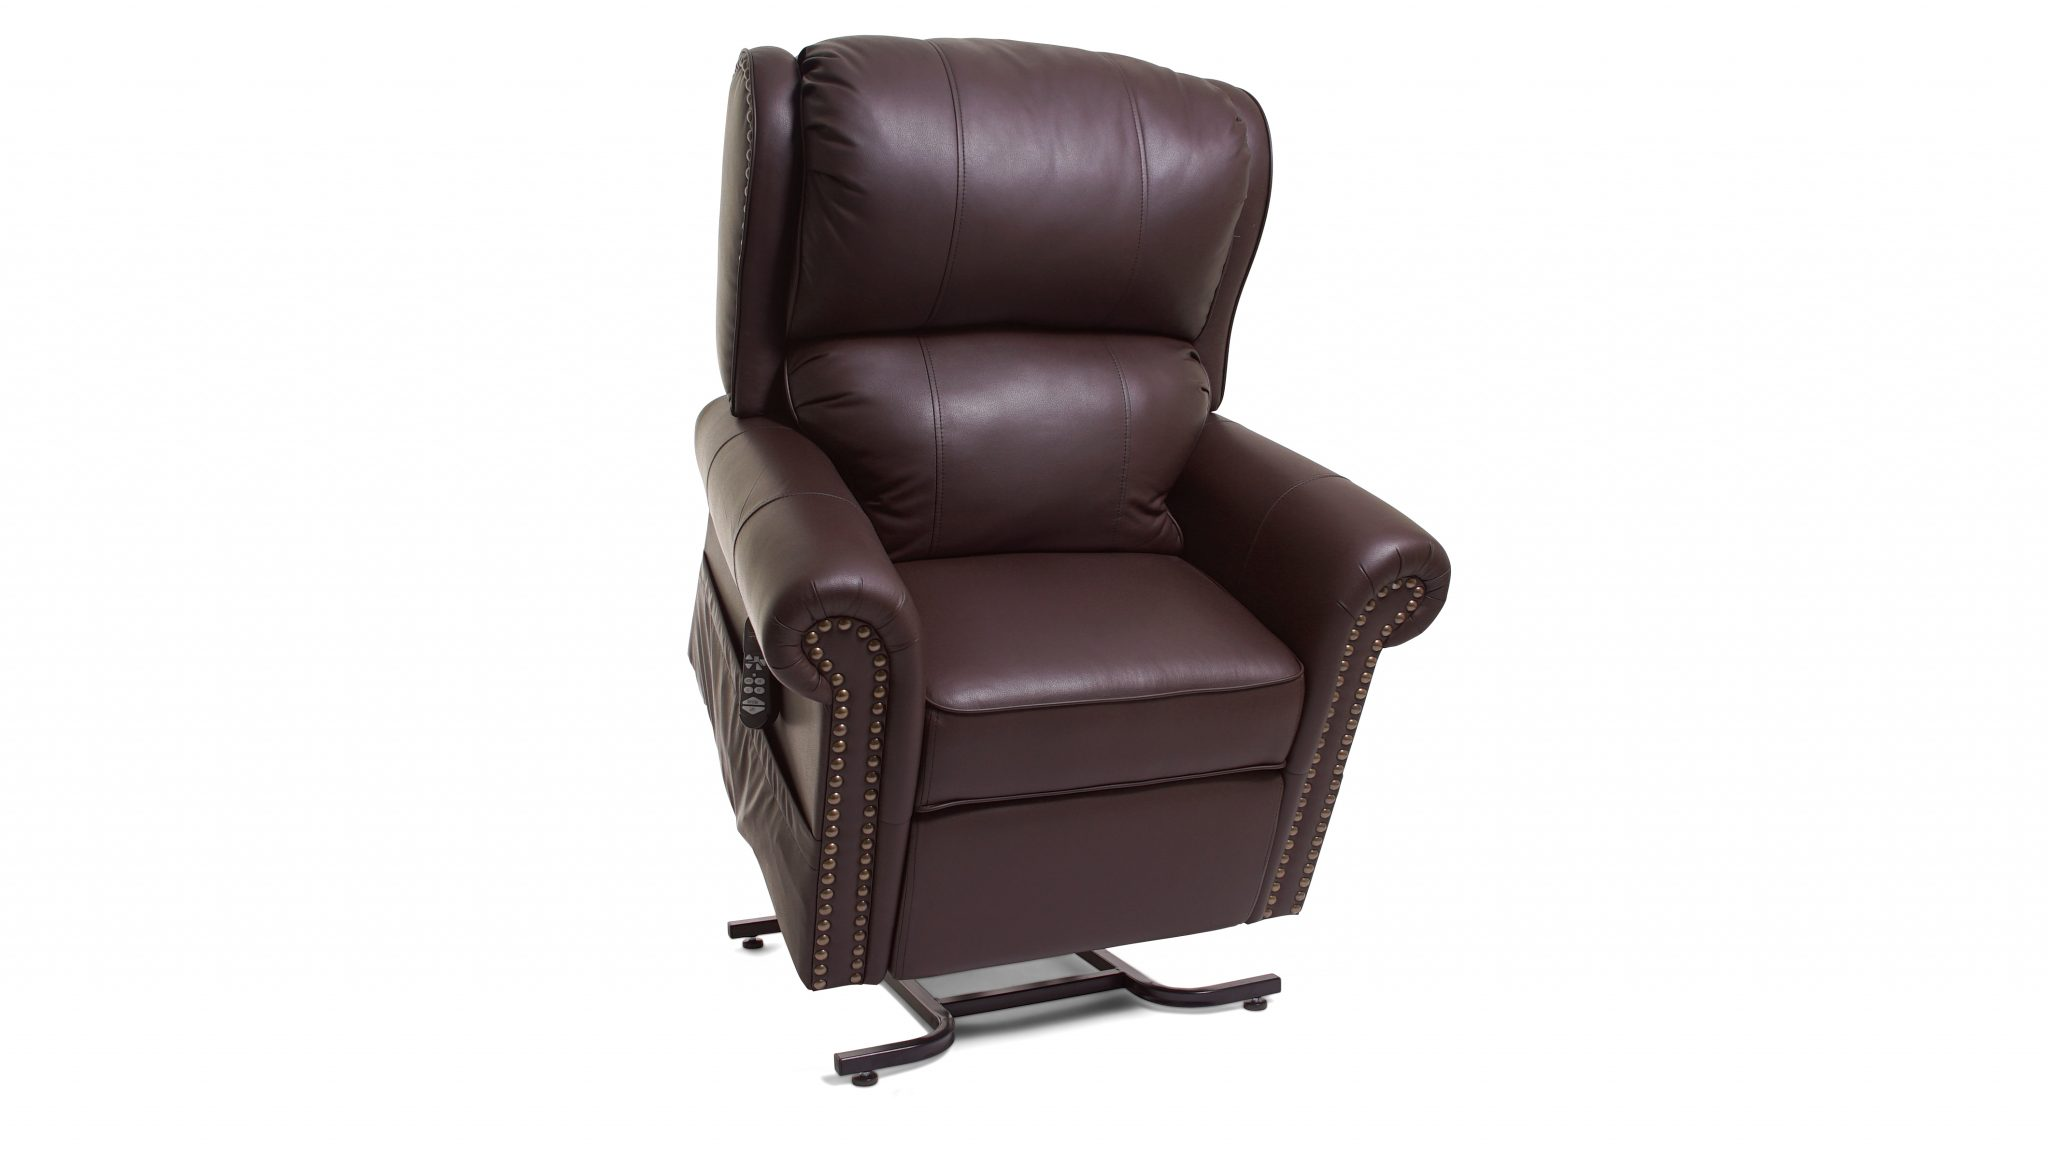 Pub Chair Lift Chair